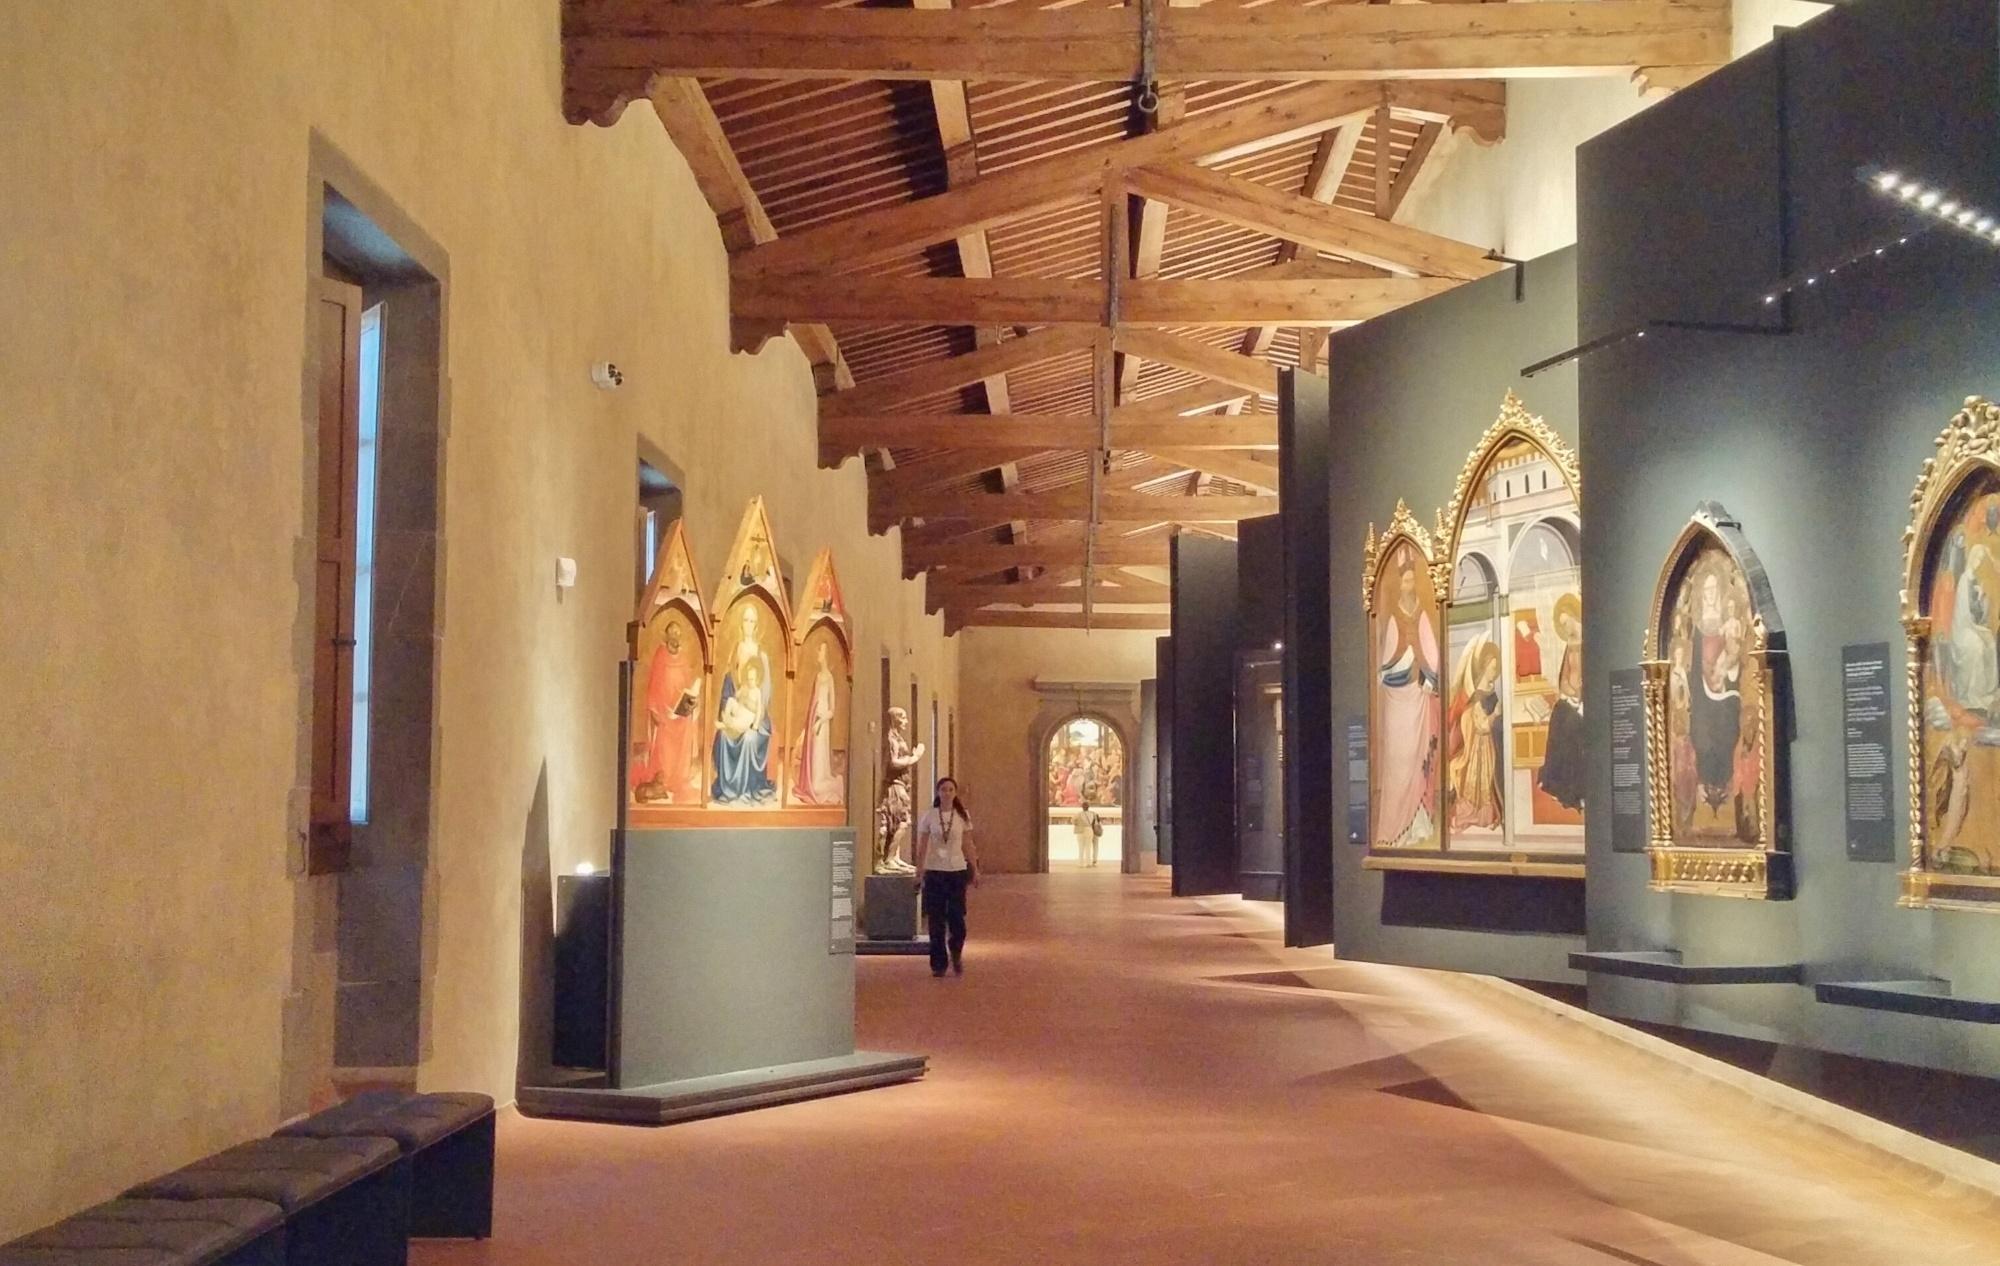 Museo Degli Innocenti History Of Childcare Was Born In